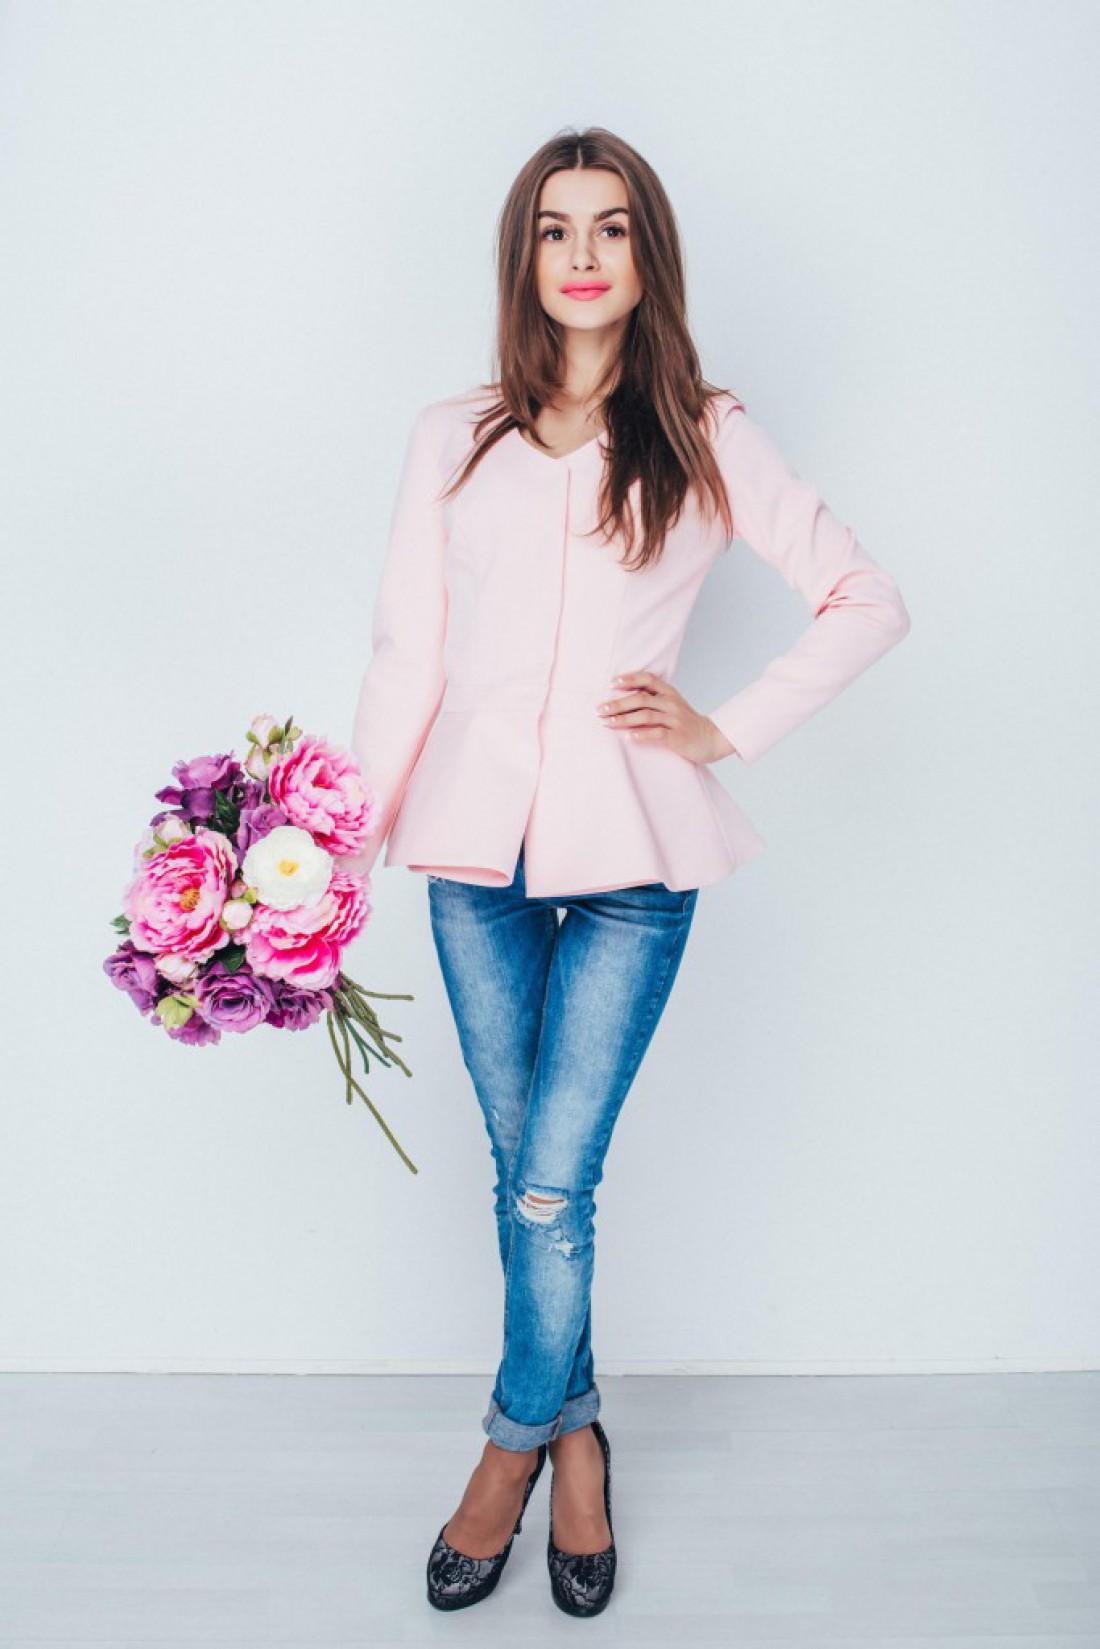 Жакет в розовом цвете точно впишется в твой гардероб